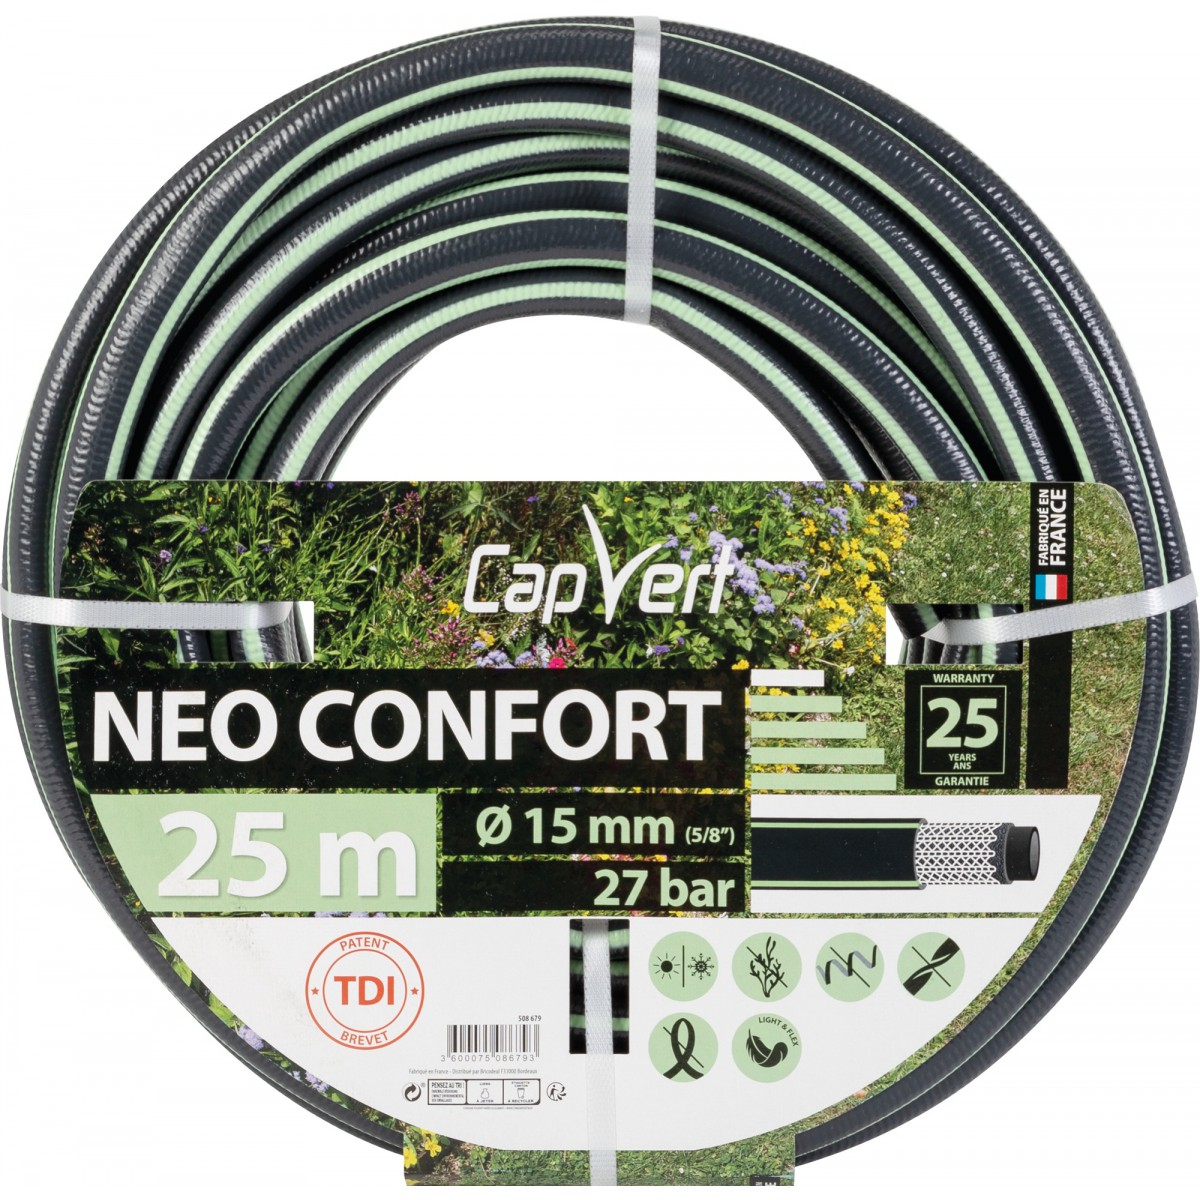 Tuyau d'arrosage Néo Confort Cap Vert - Diamètre 15 mm - Longueur 25 m